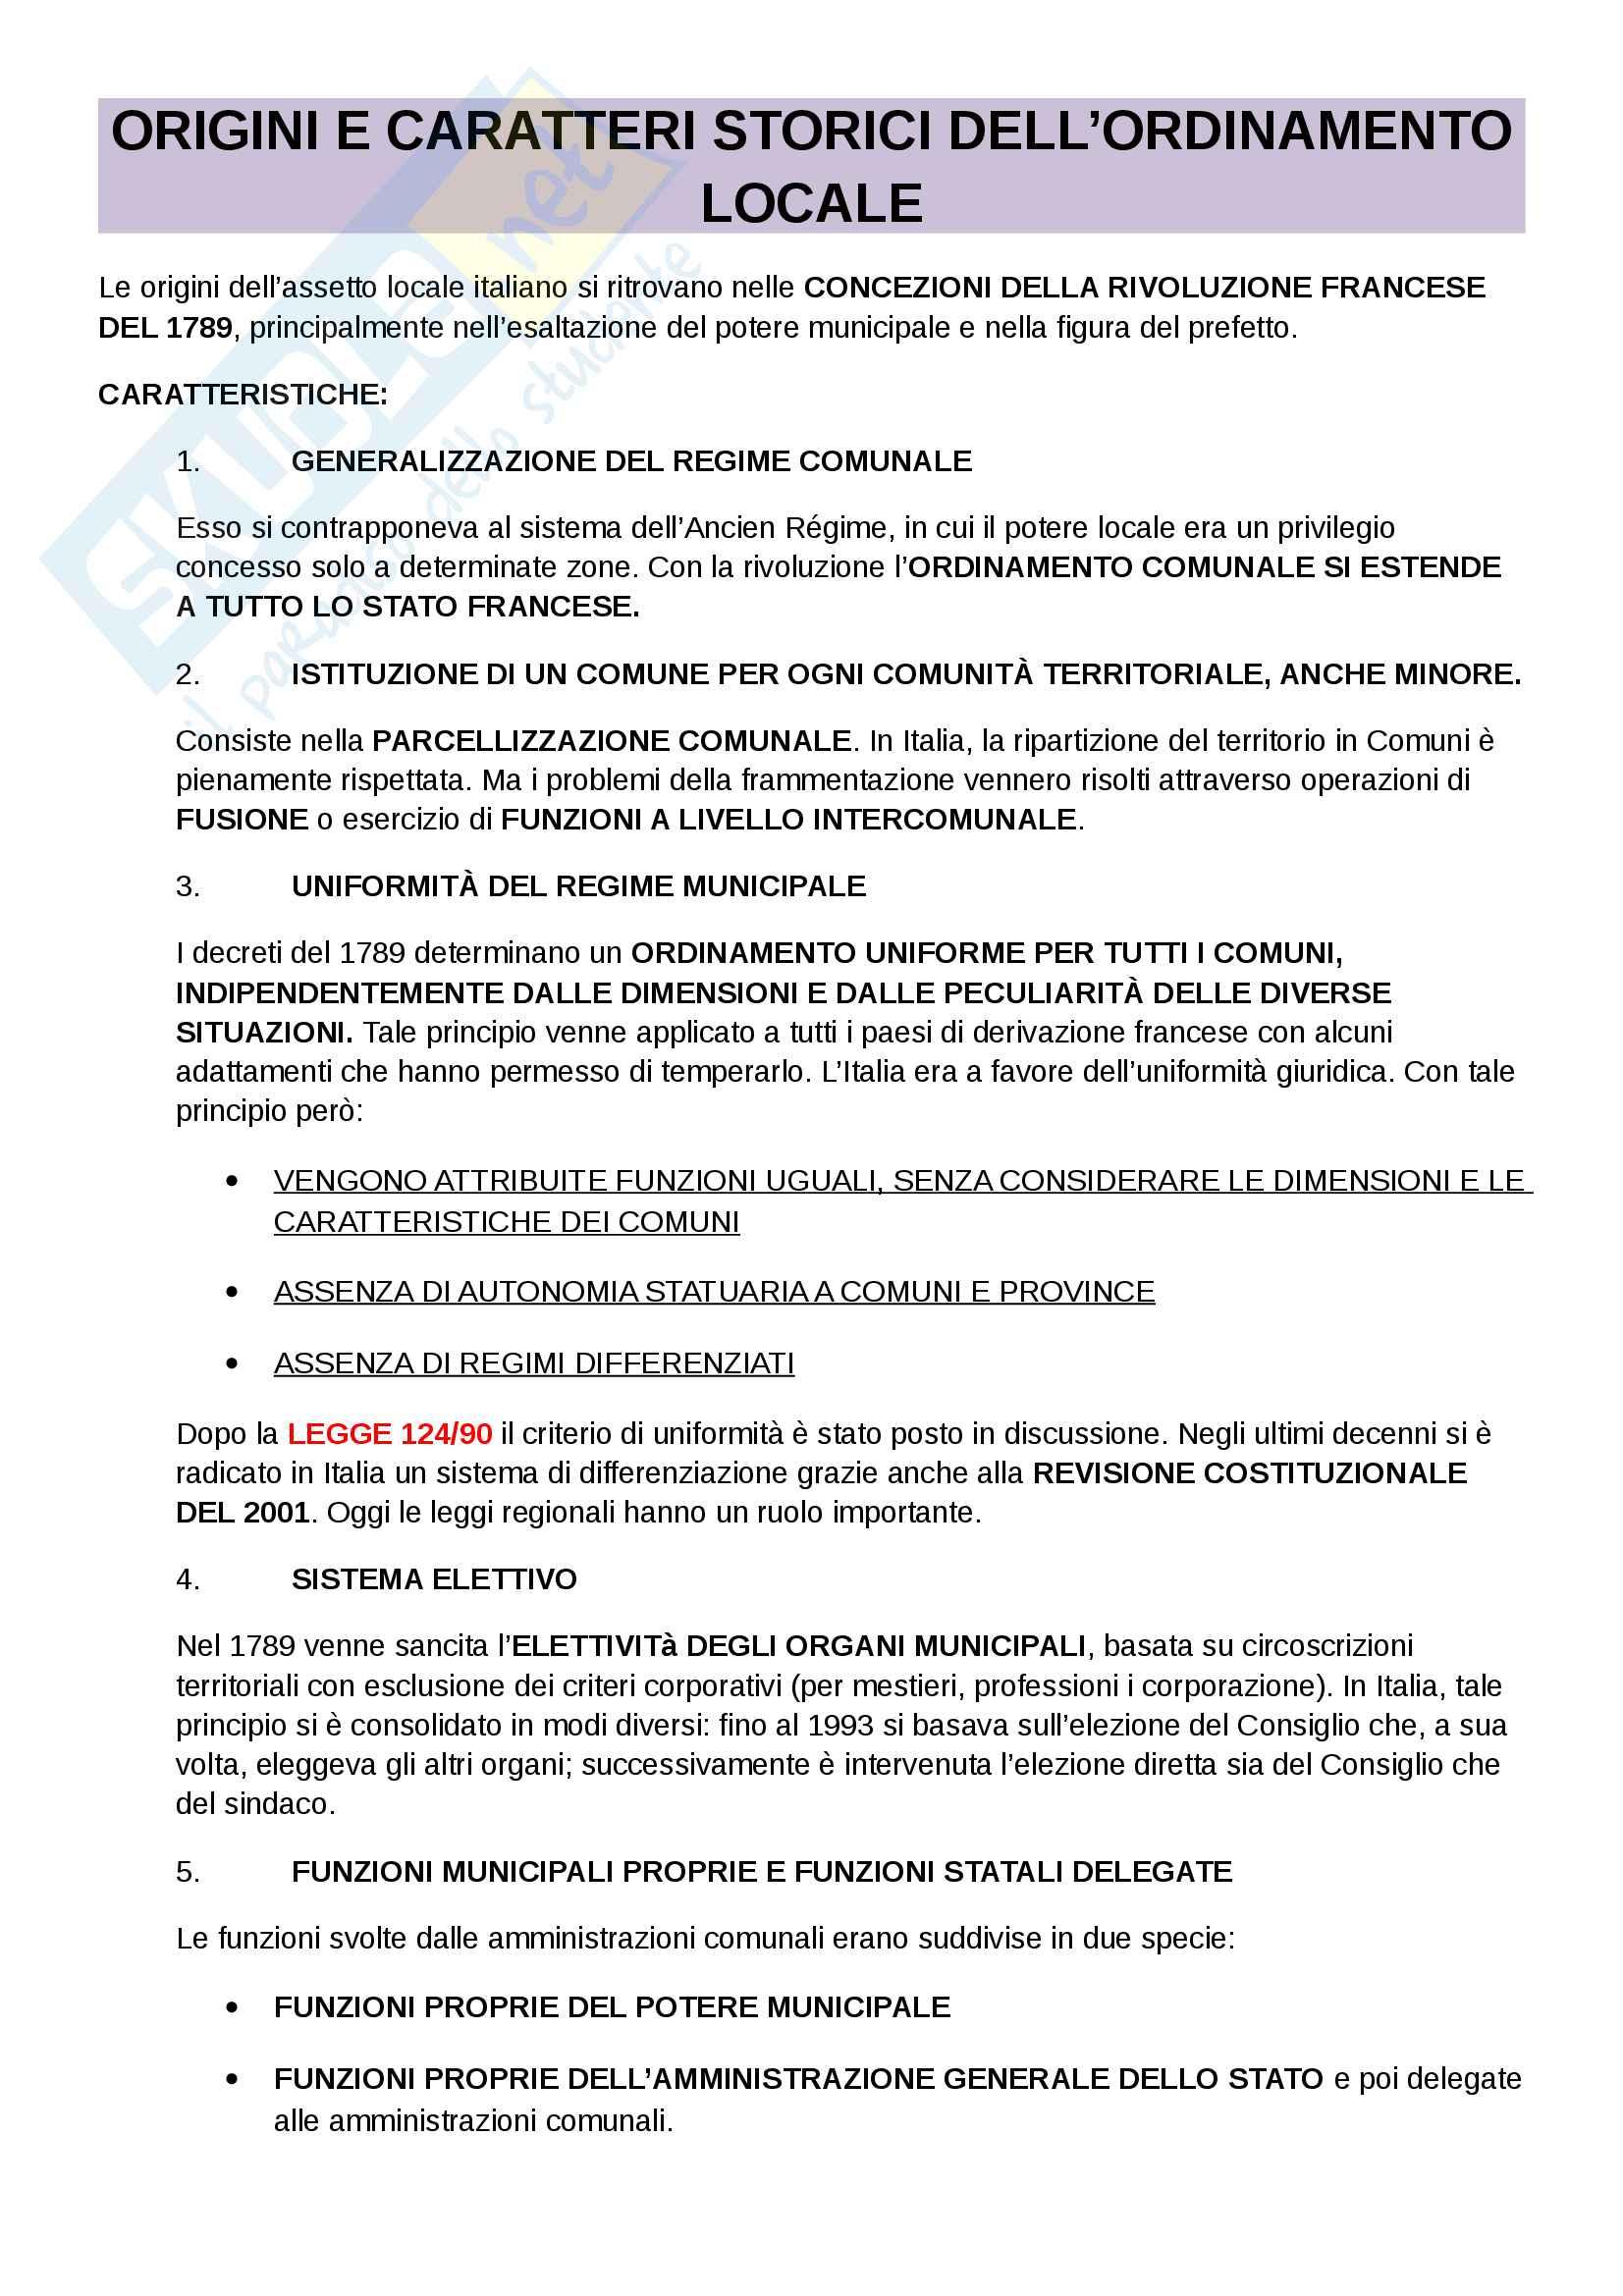 Diritto degli Enti locali prof. Maria Paola Guerra. Appunti lezioni